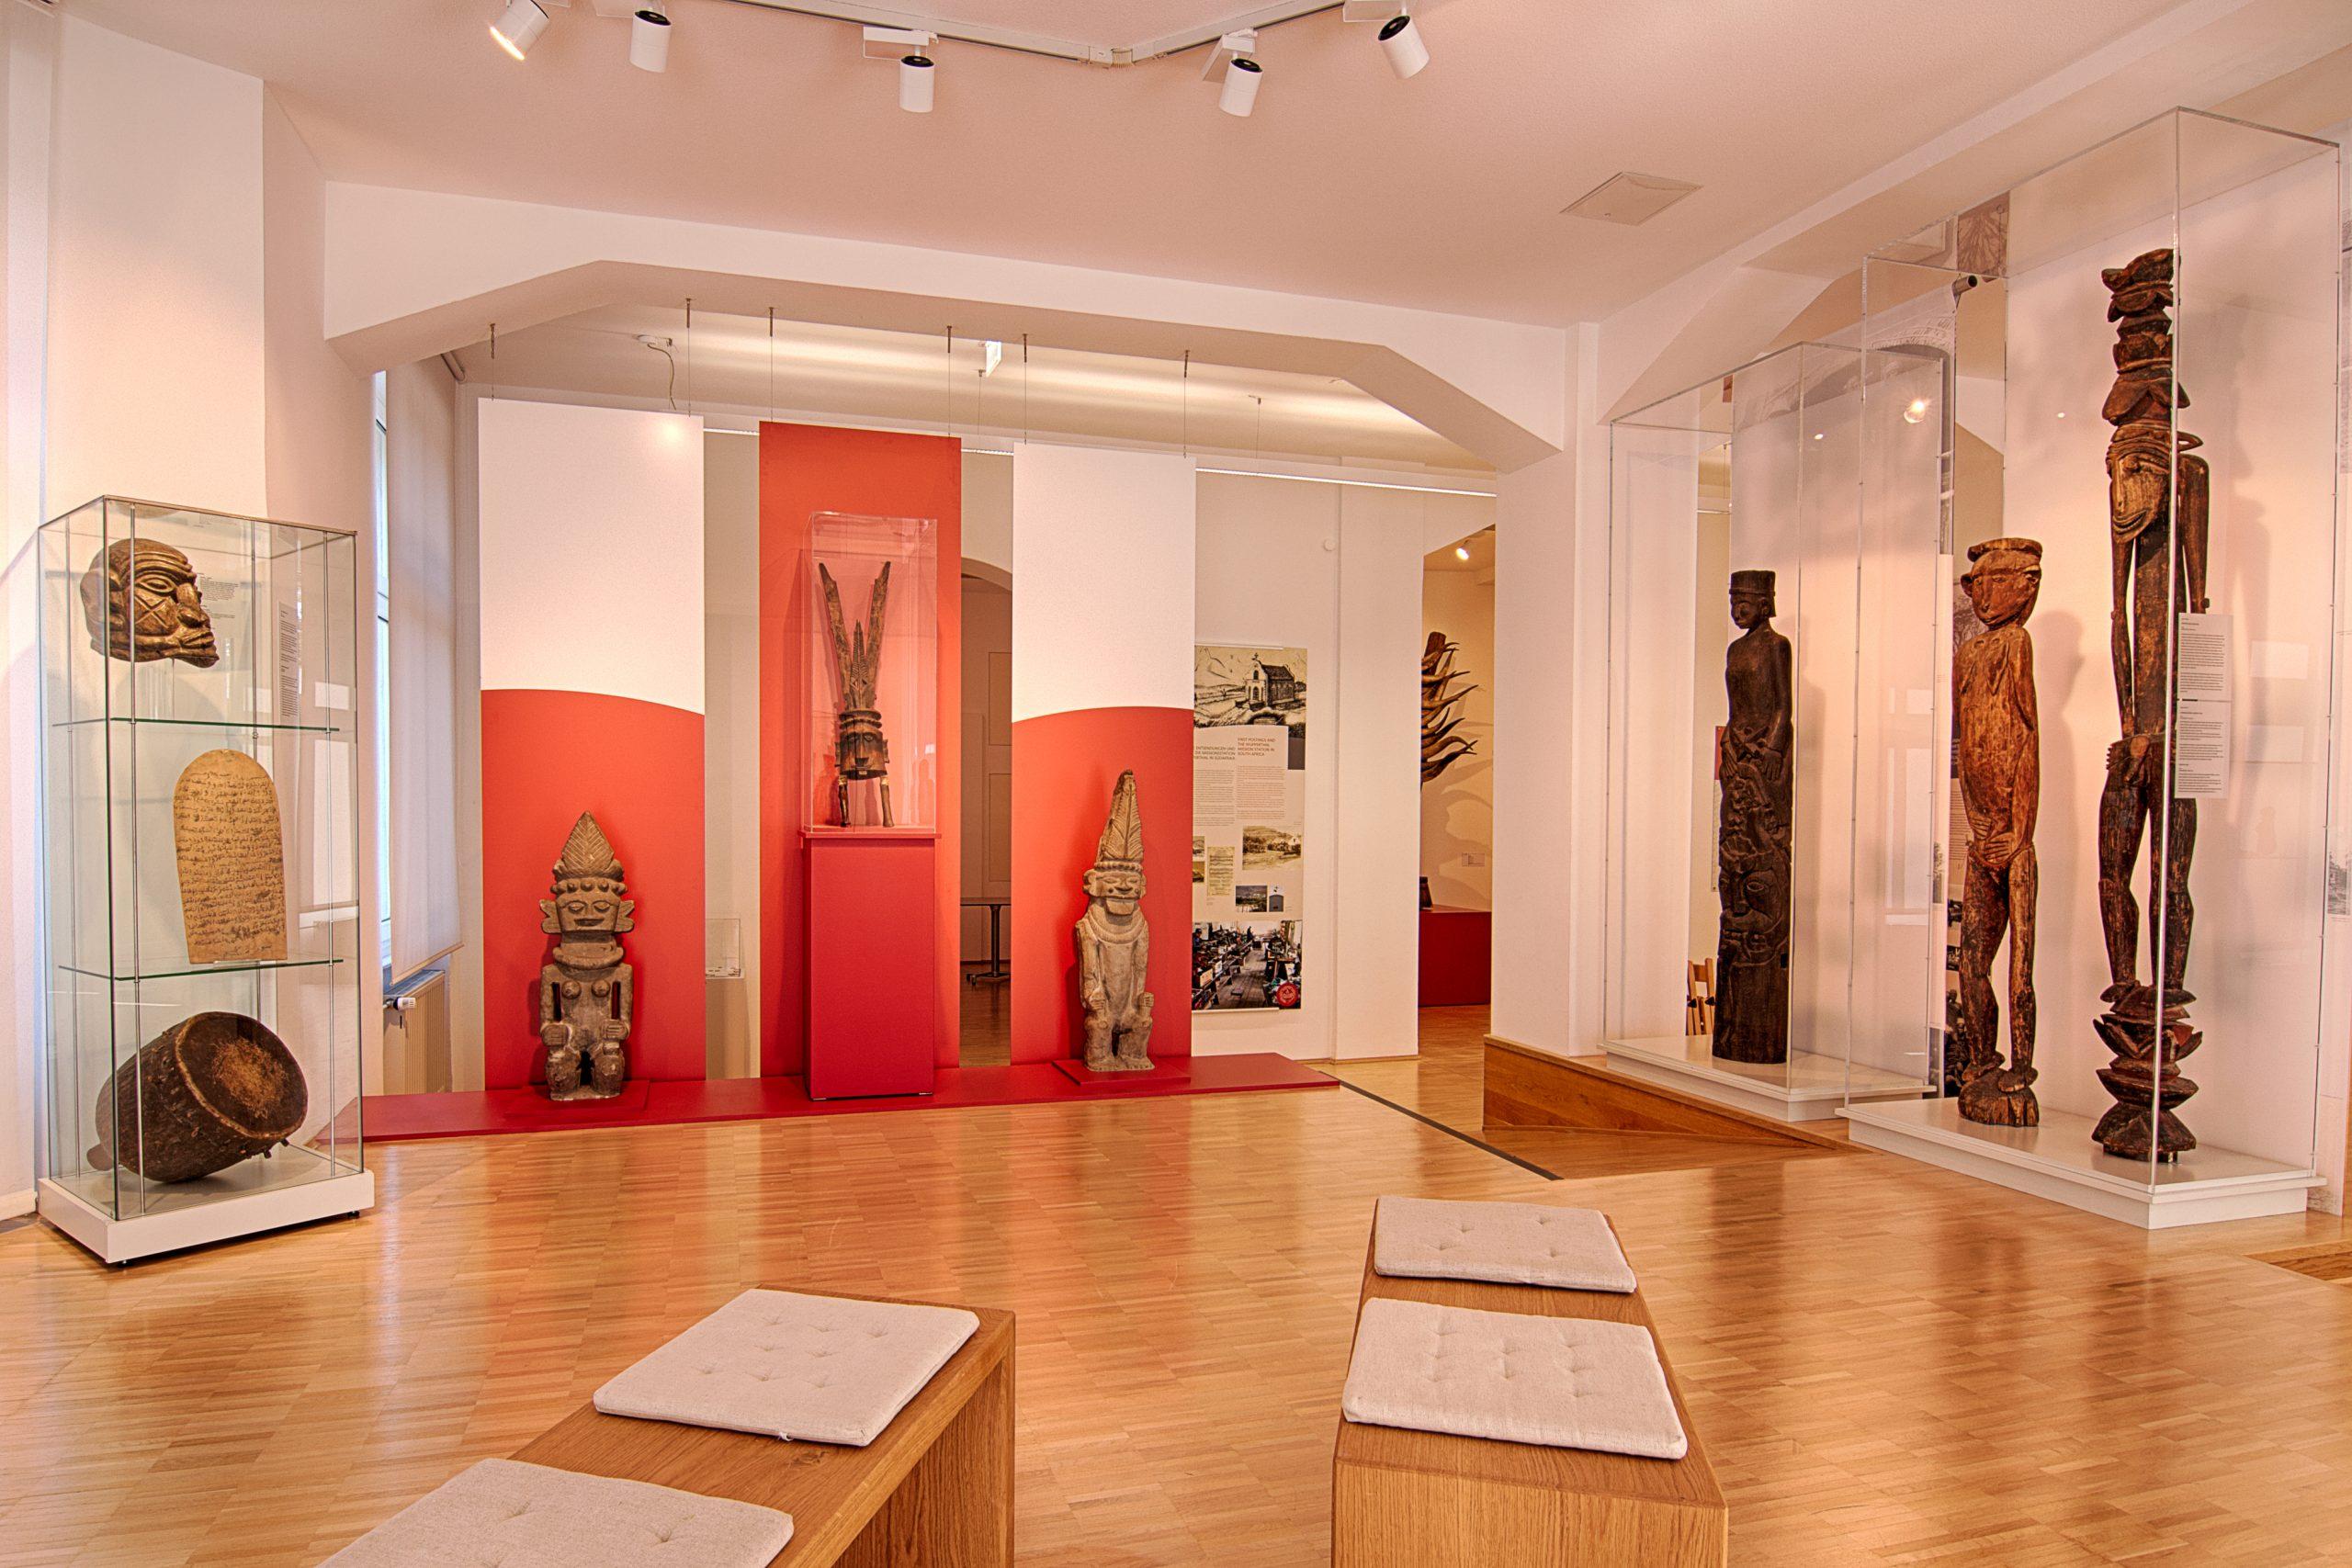 Museum auf der Hardt, Archiv- und Museumsstiftung der VEM, Wuppertal